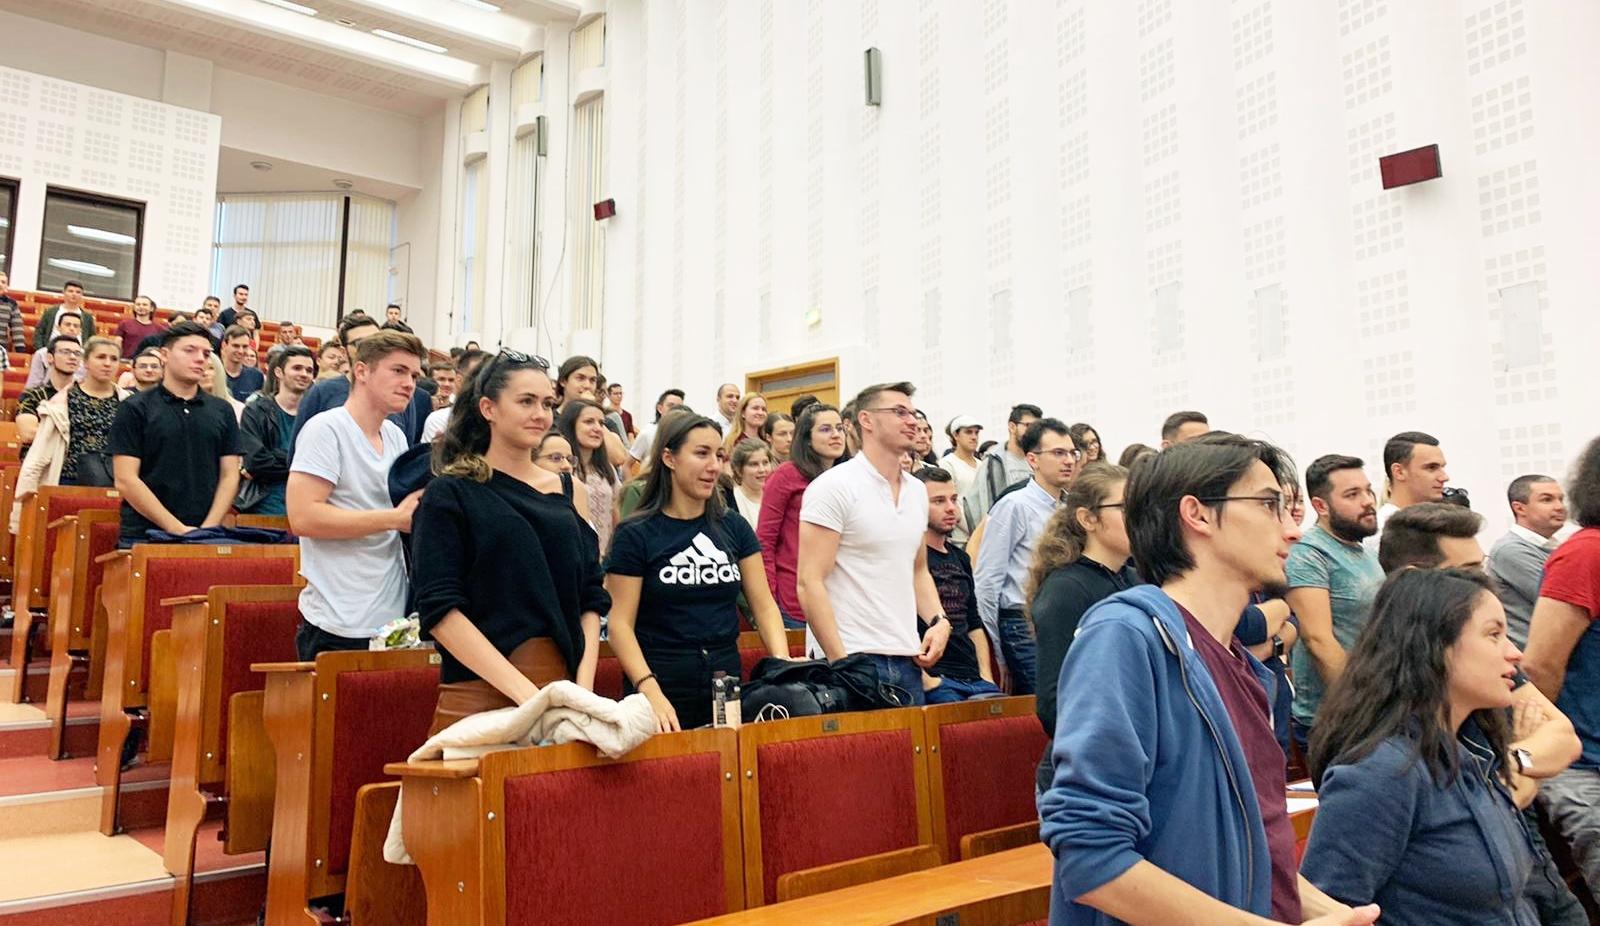 500 de studenți participă la programul de Project Management în IT al UBB, susținut de AROBS